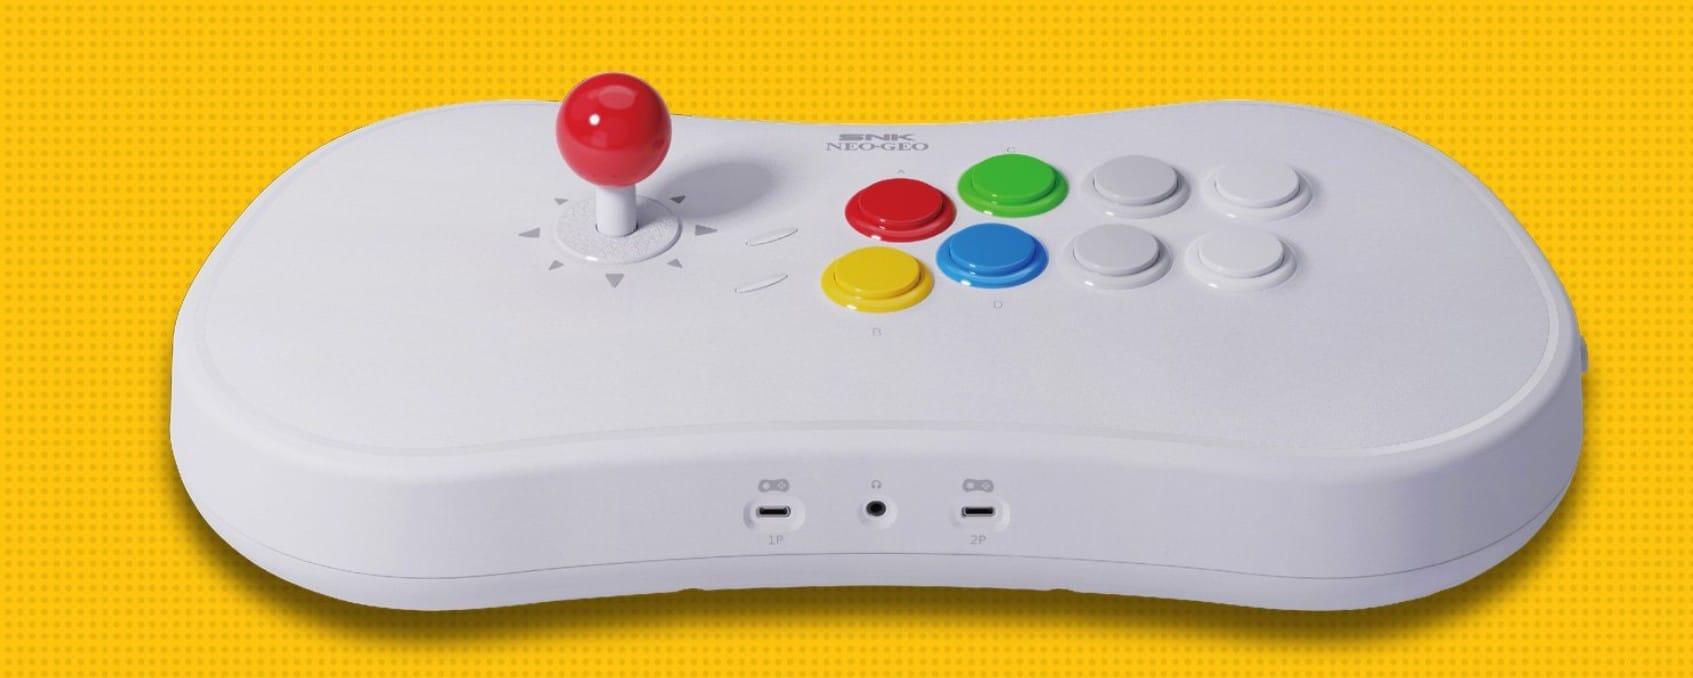 SNK Neo Geo Arcade Stick Pro: Spieleklassiker im Controller